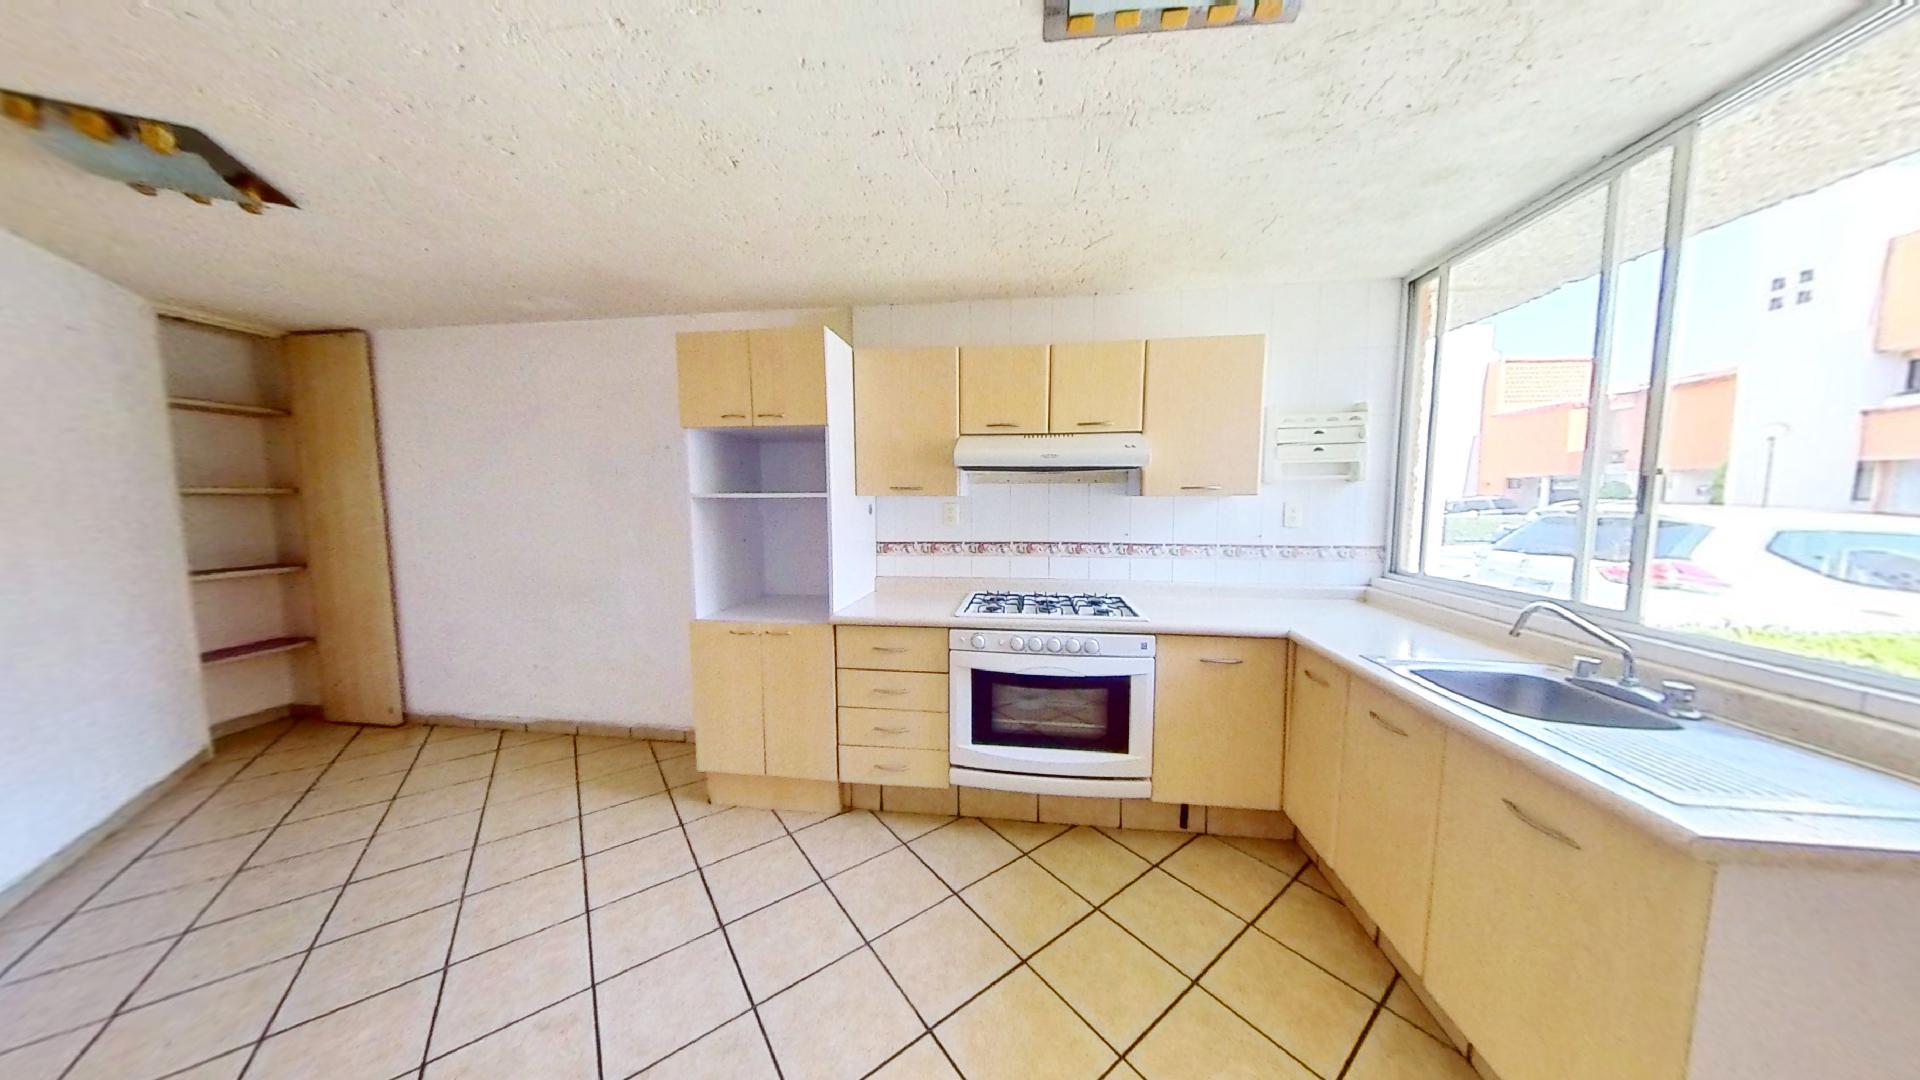 Casa en venta de 3 recámaras en Condominio Los Fresnos, Naucalpan de Juárez, entre Lomas Verdes y Jardines de San Mateo, EDOMEX. Cocina